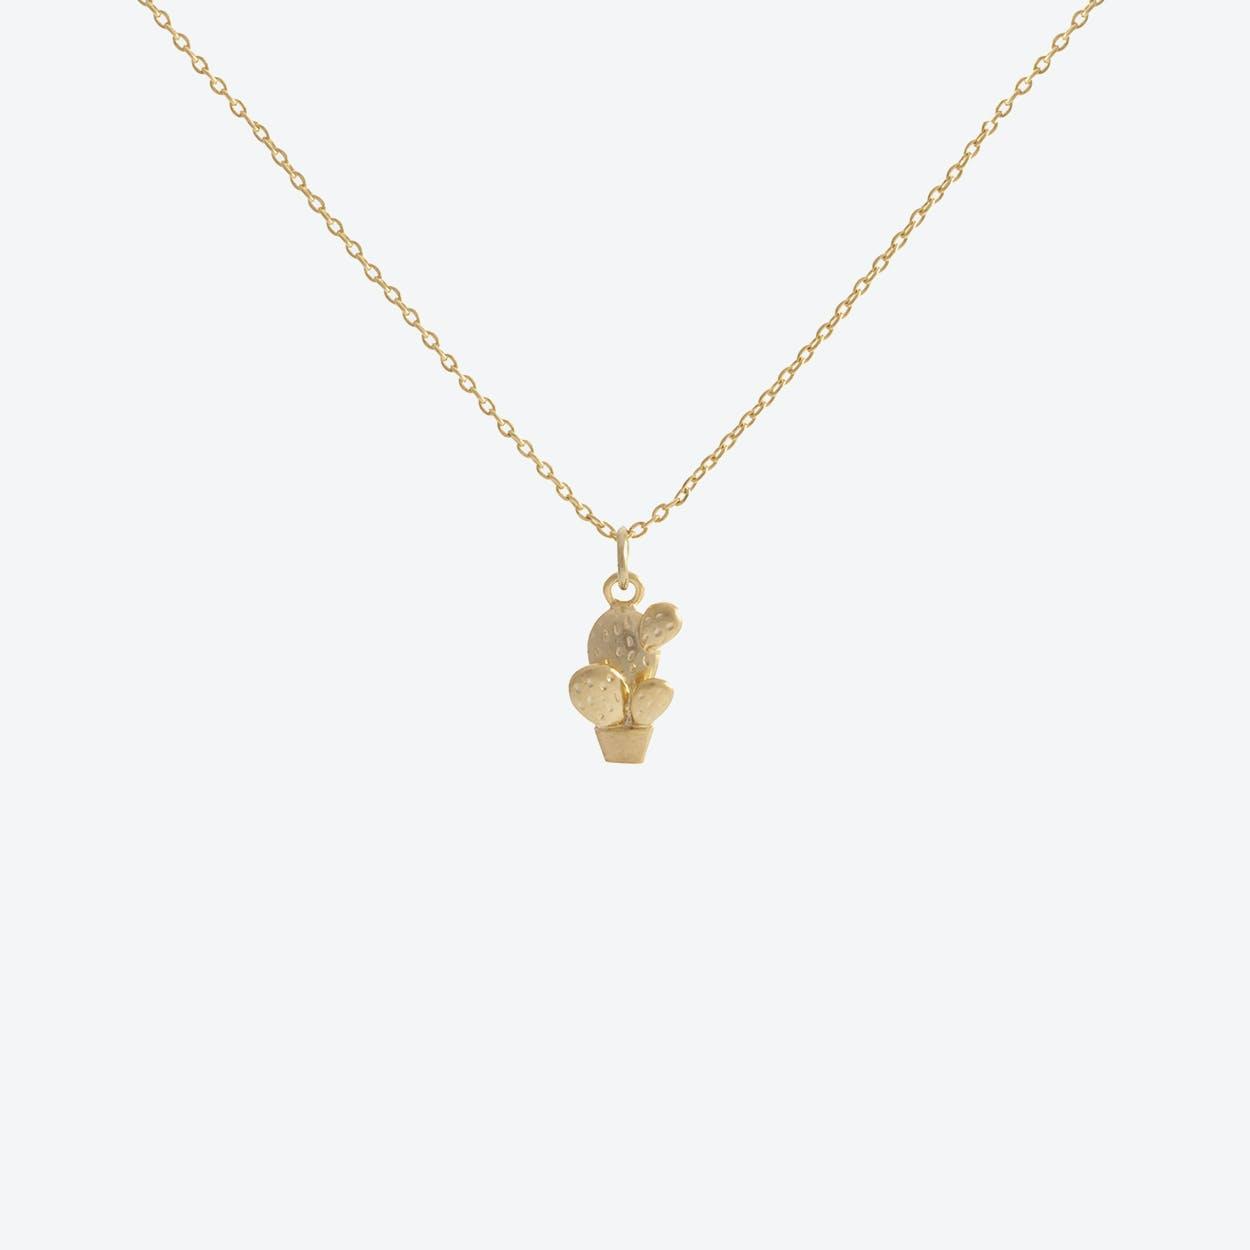 Gold Cactus Pendant